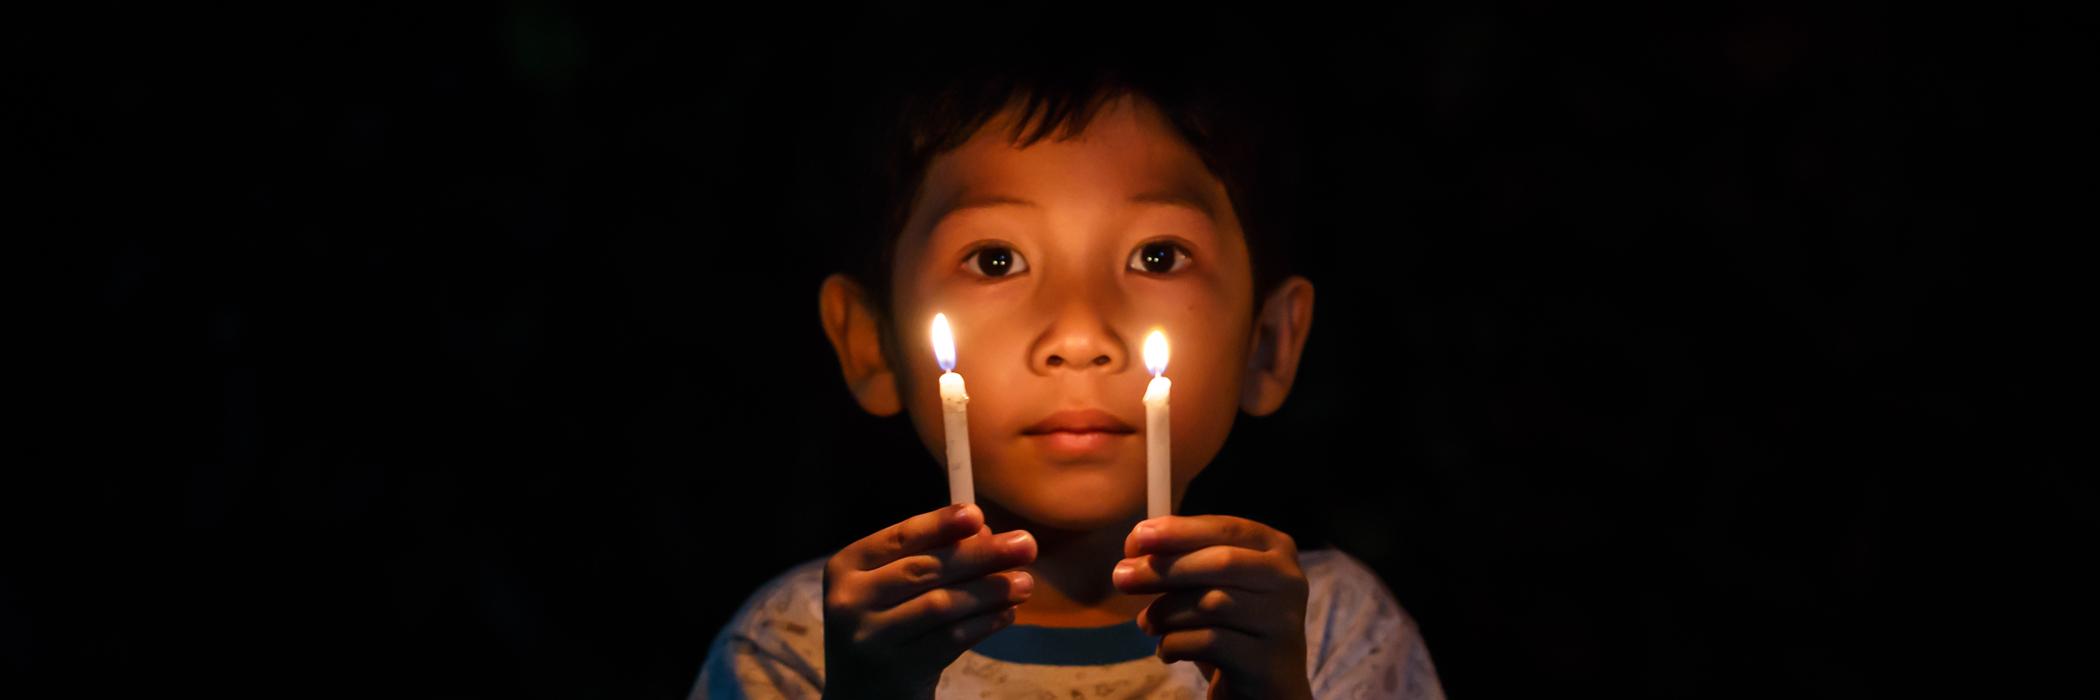 Pojke håller i två ljus mot en mörk bakgrund